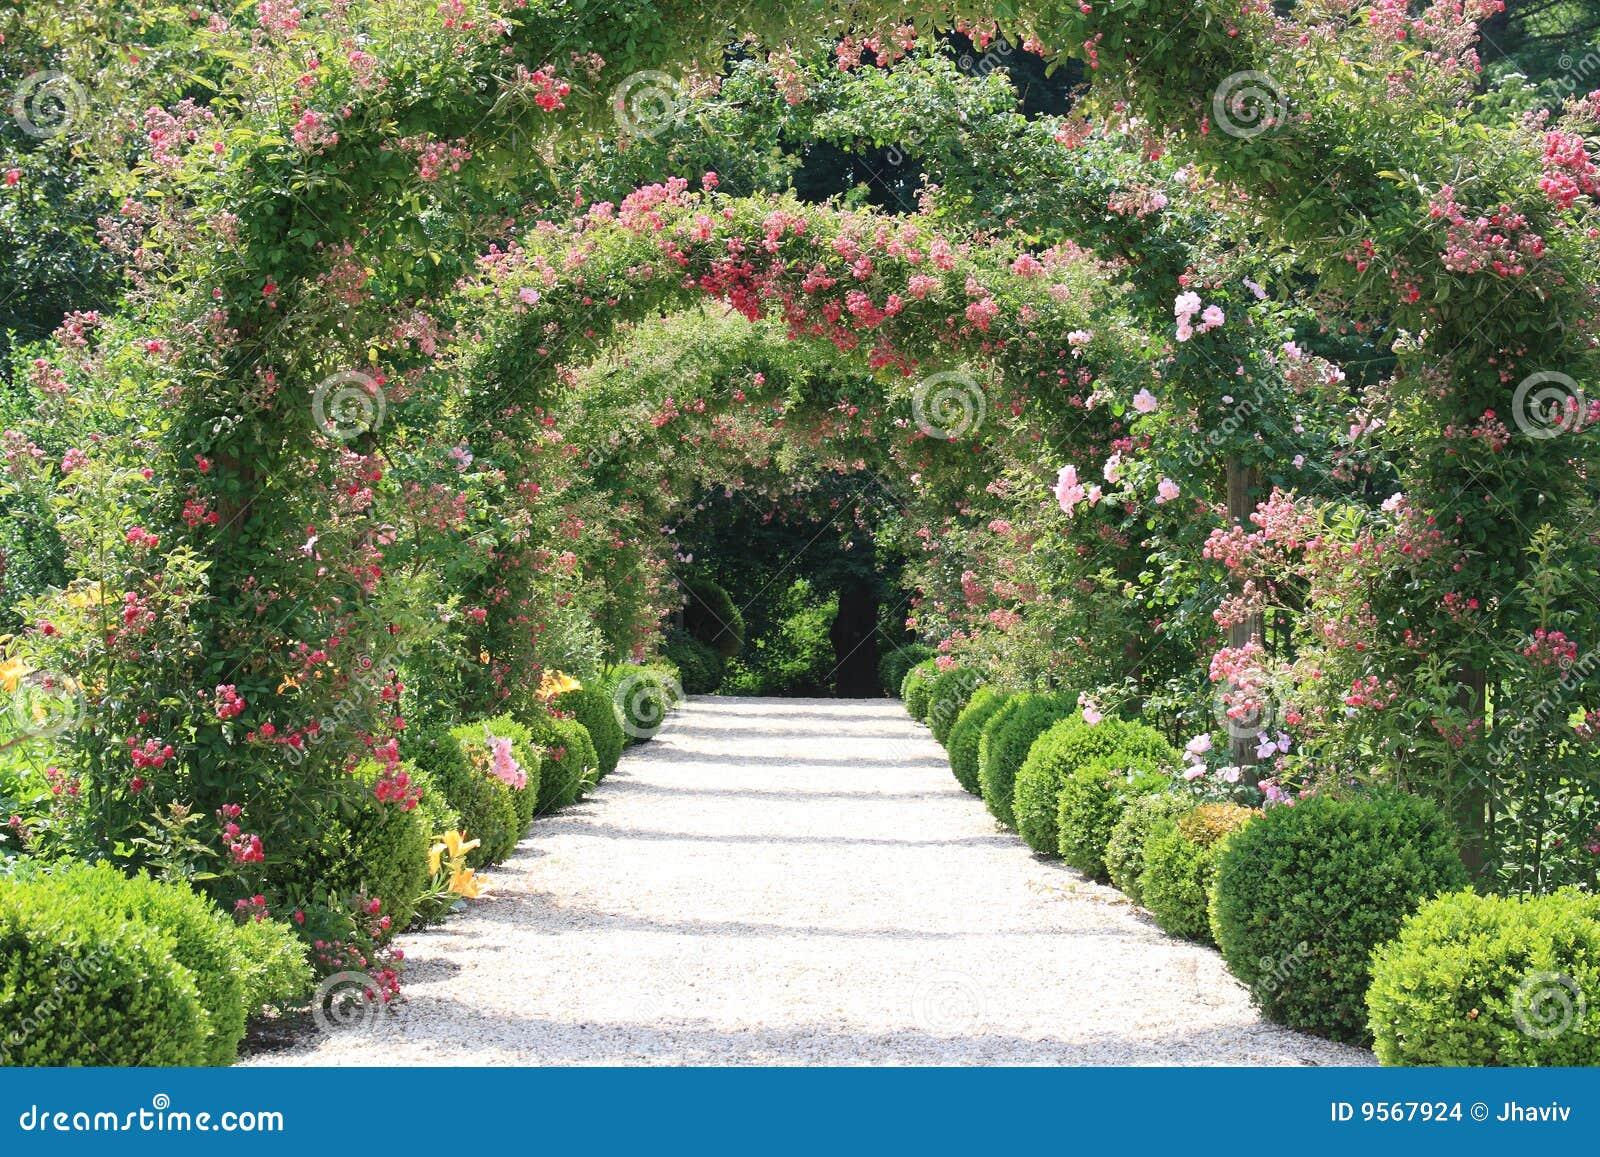 rosas no jardim de deus:arco de rosa no jardim no tempo de mola mr no pr no 5 4044 28